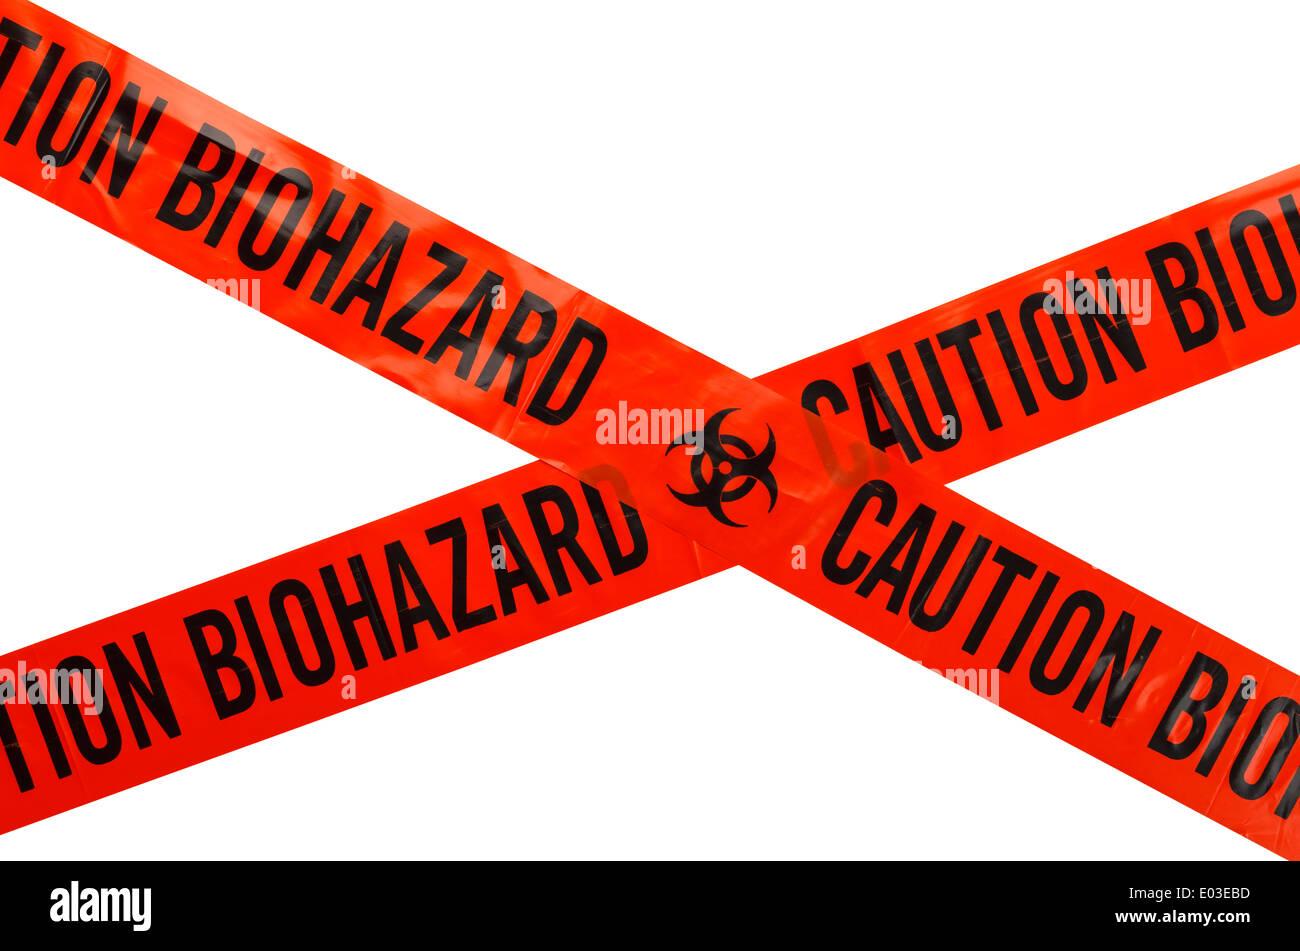 Arancione e nero attenzione nastro Biohazard. Isolato su sfondo bianco. Immagini Stock